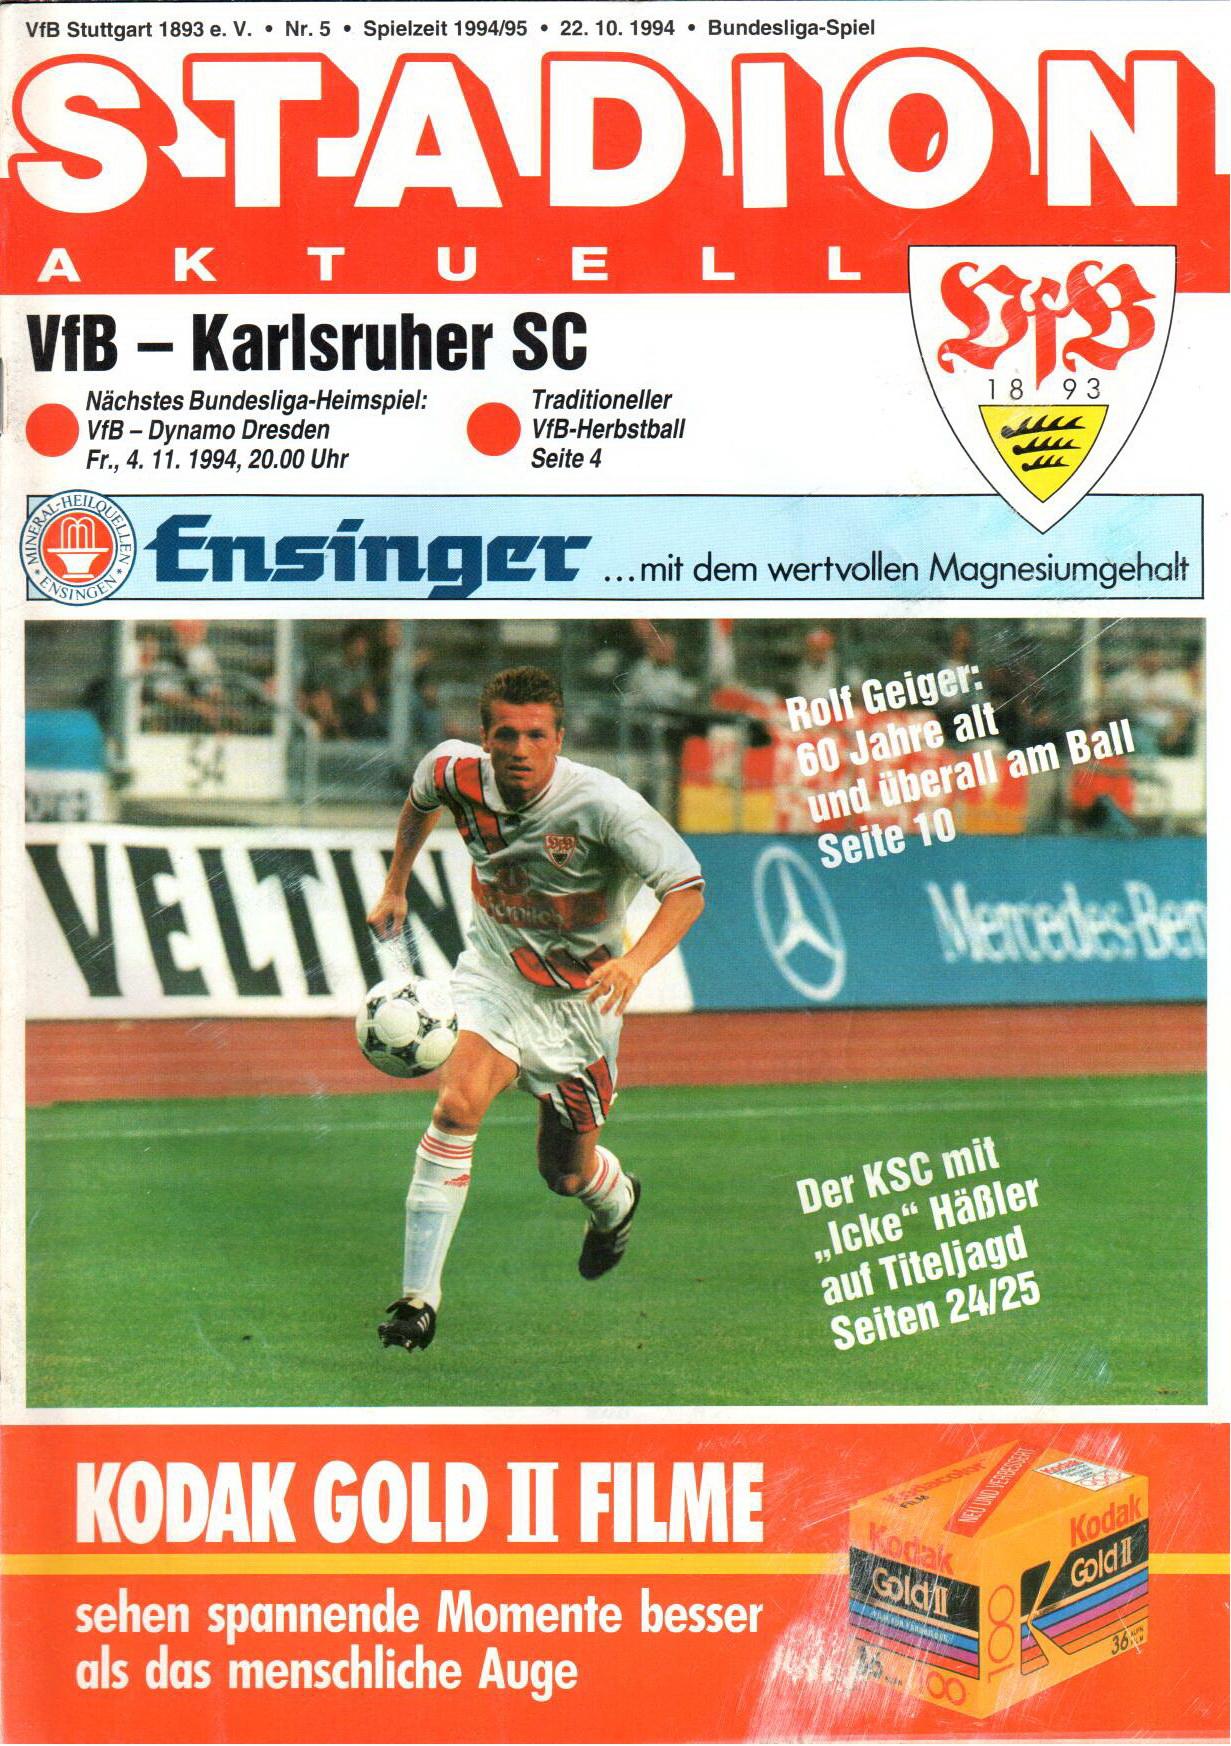 941022_Heft_VfB_Stuttgart_Karlsruher_SC